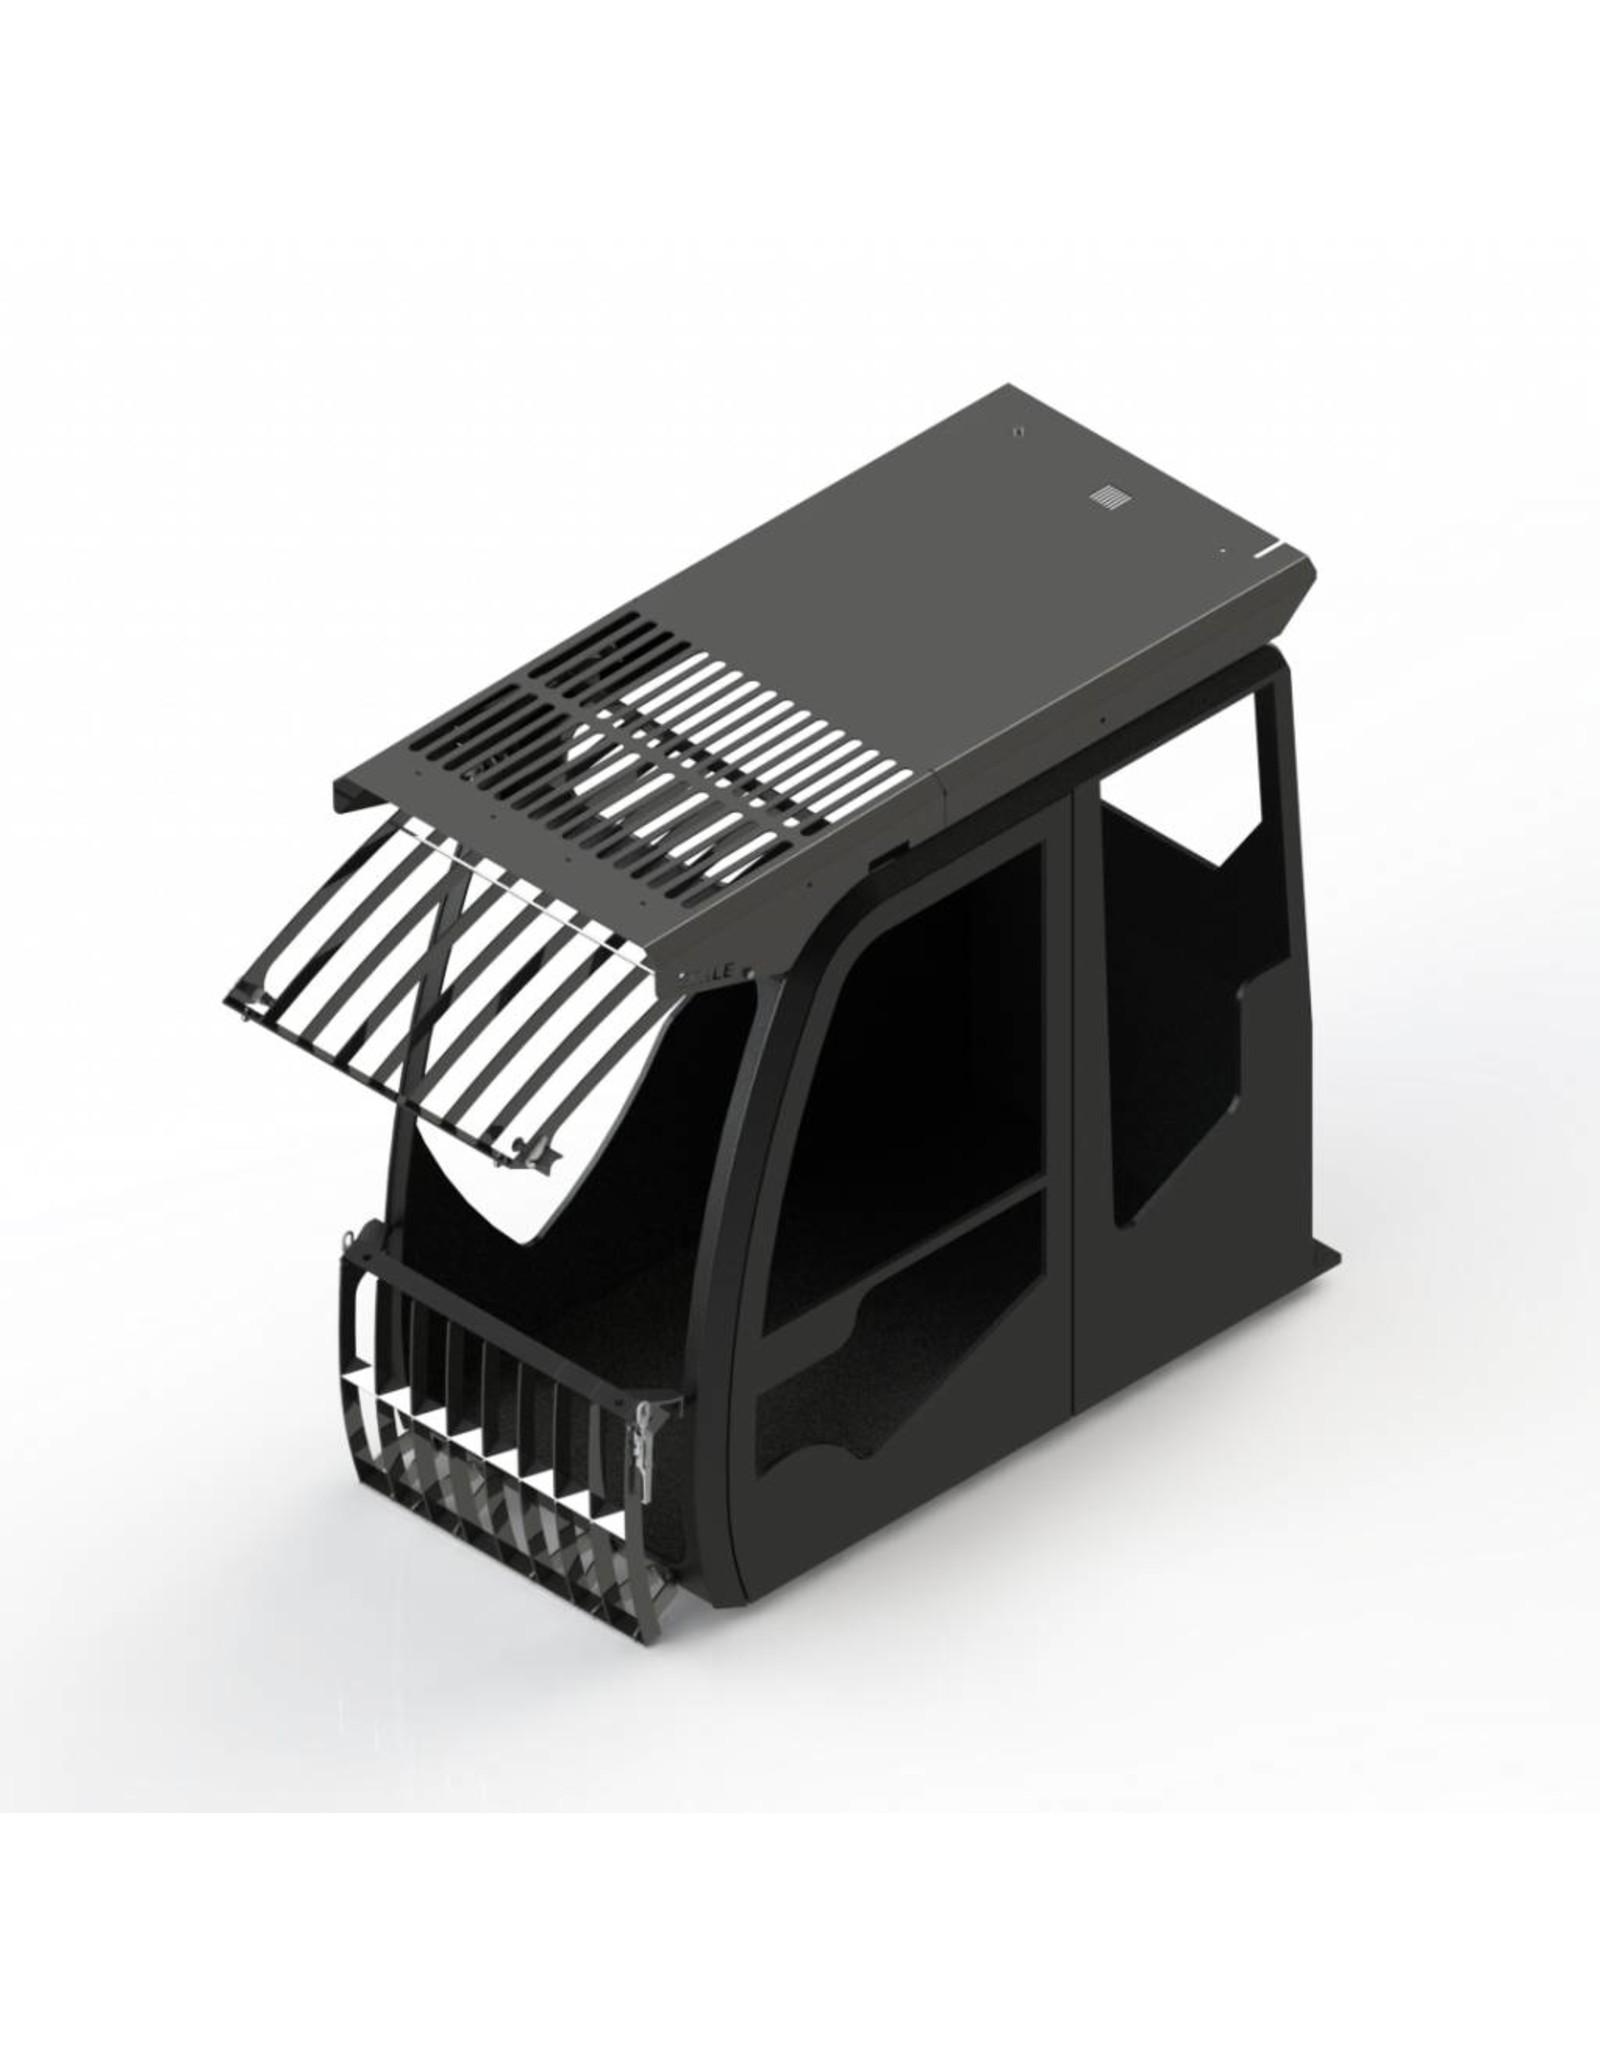 Echle Hartstahl GmbH FOPS für Liebherr R 914 Compact